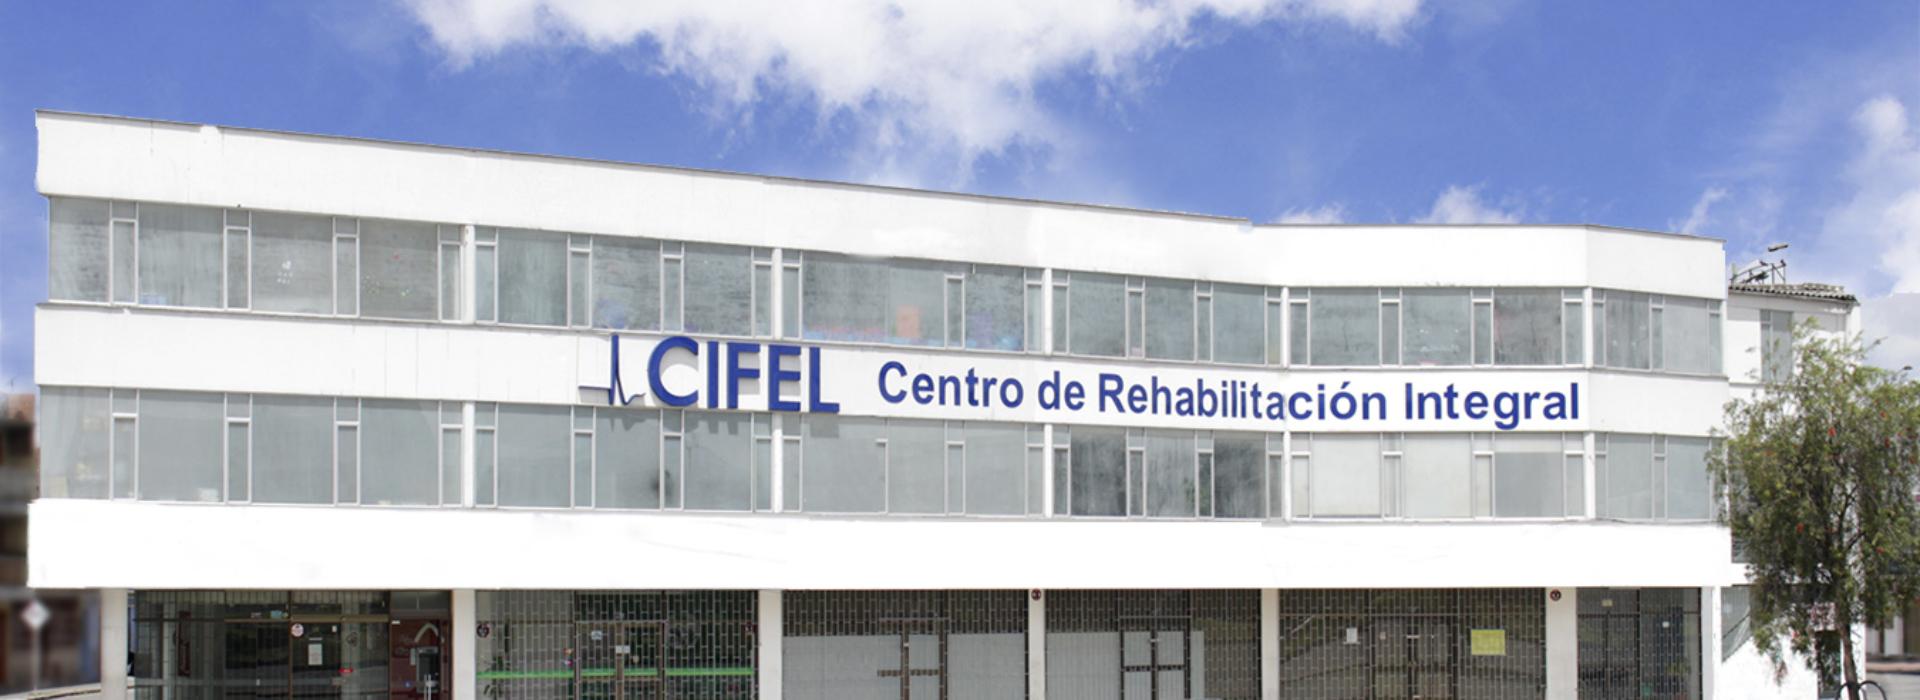 CIFEL - Centro de Rehabilitación Integral - Foto de la fachada